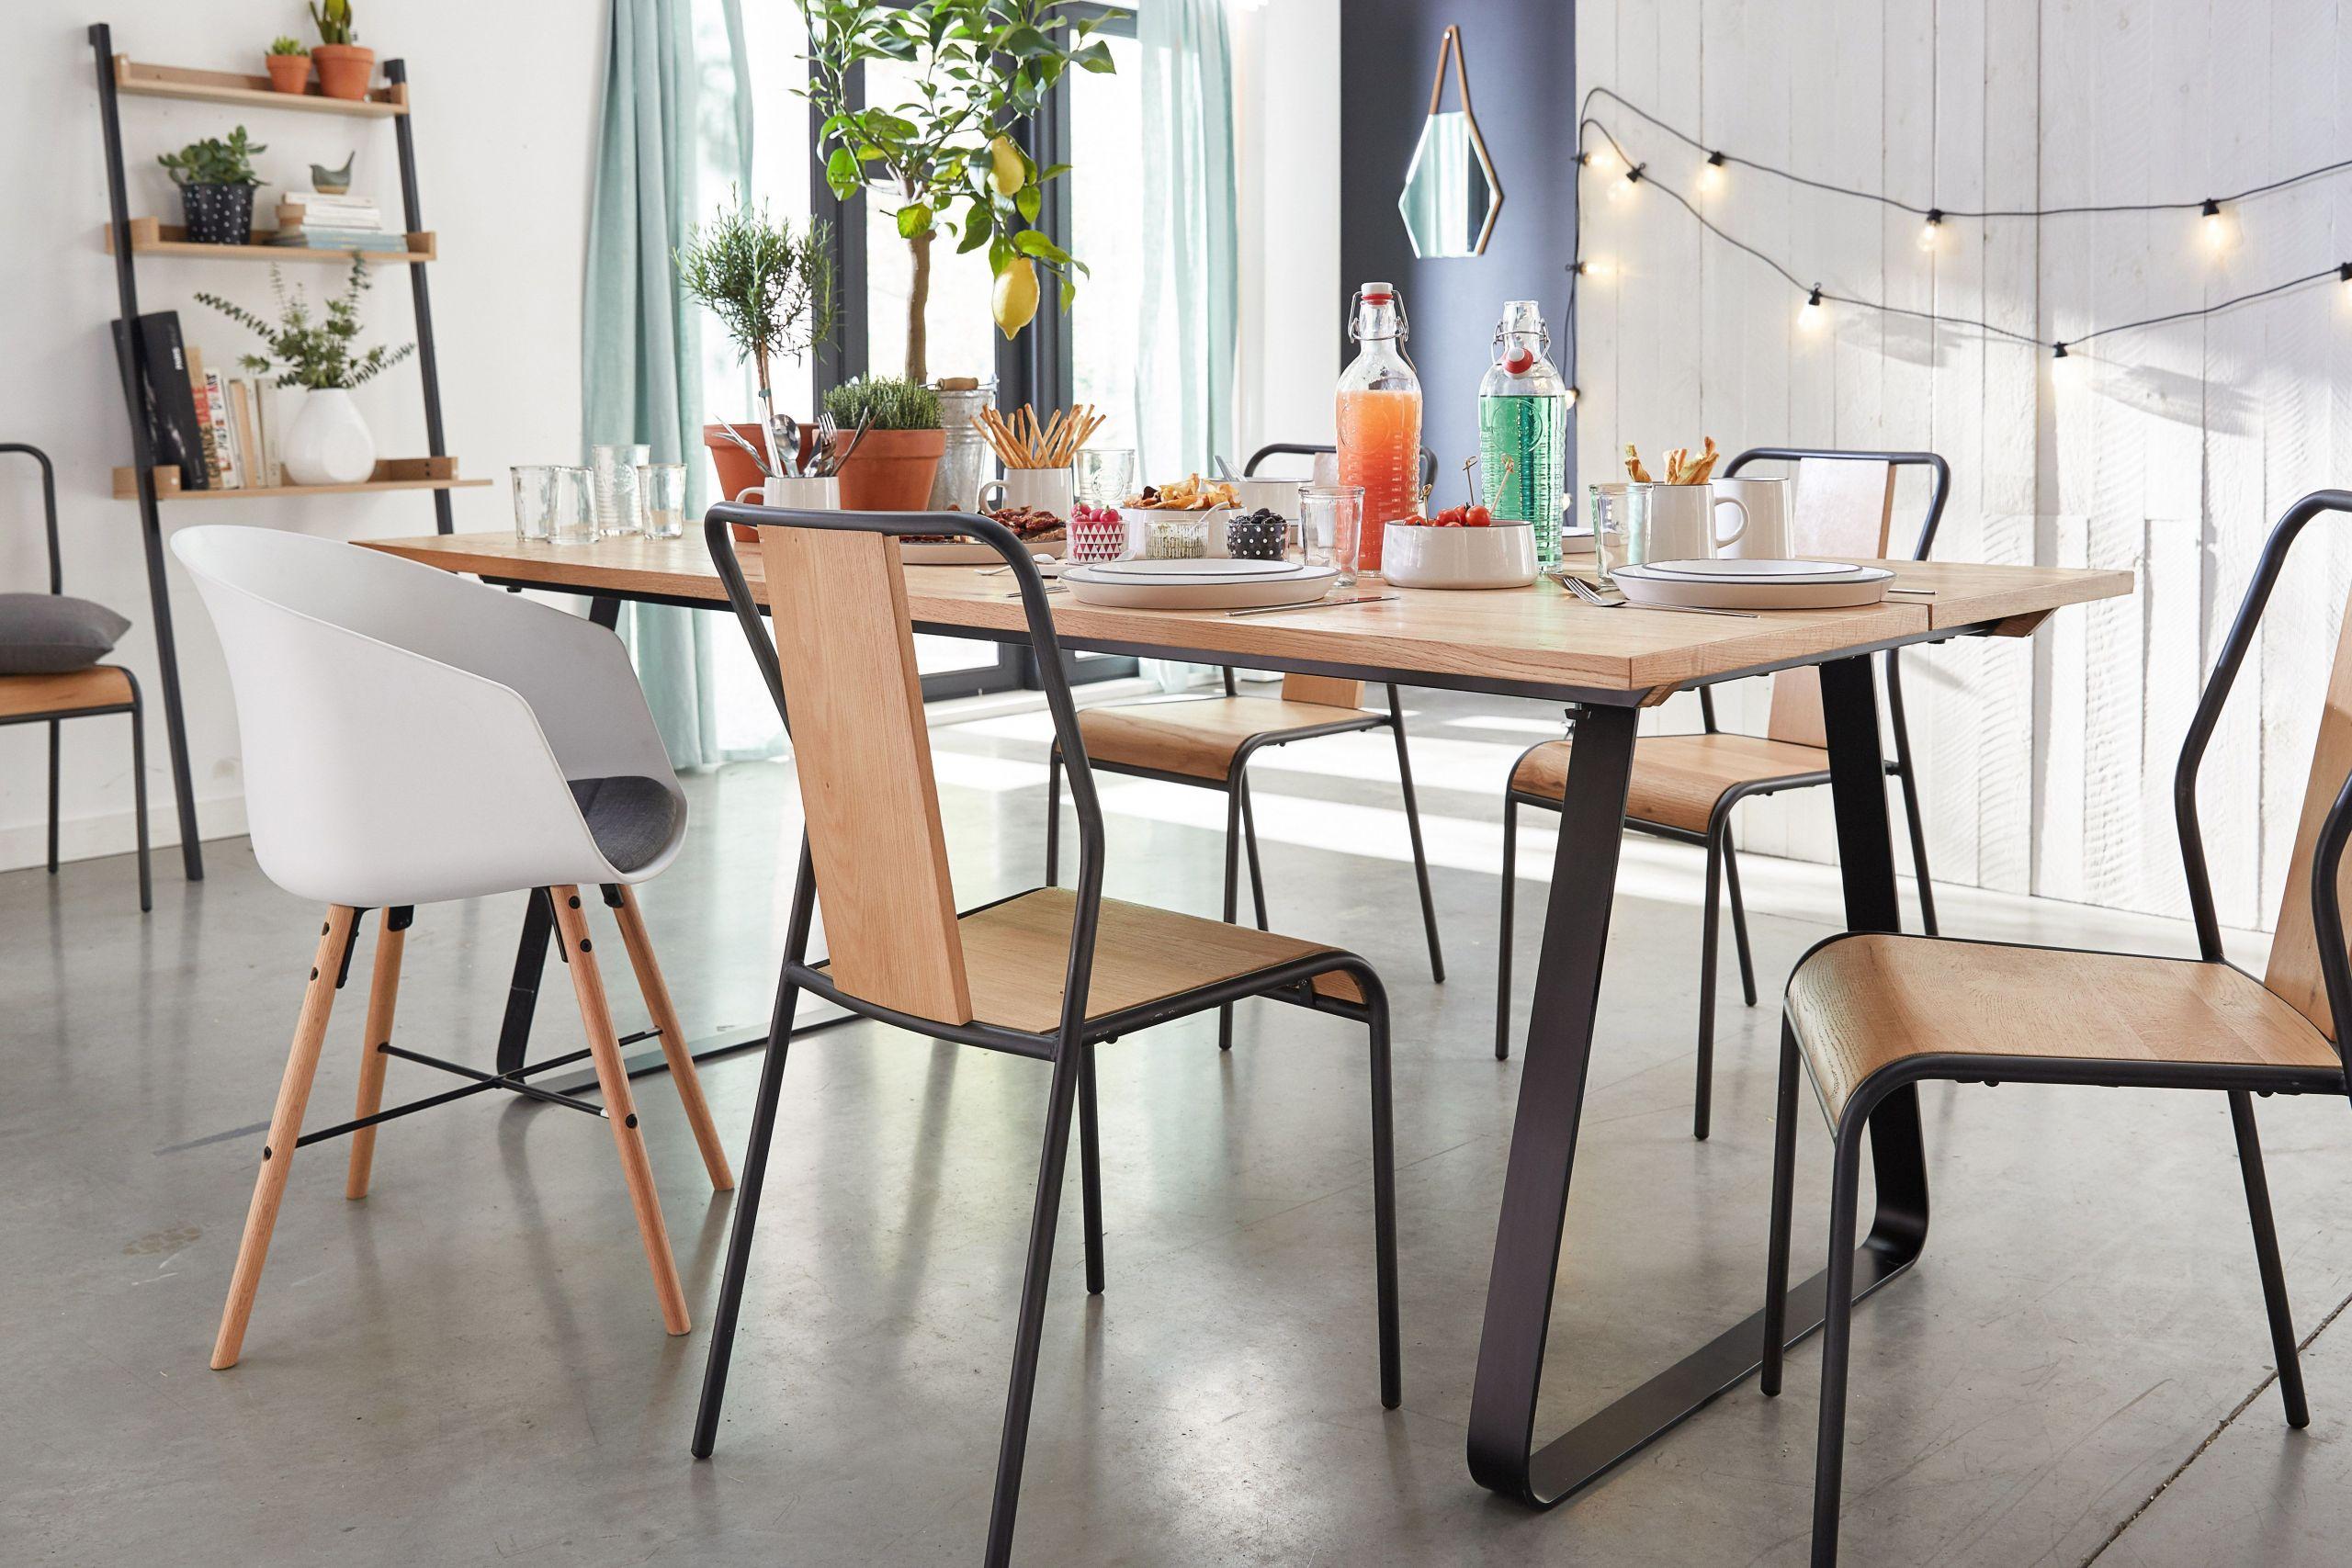 chaises alinea salle a manger elegant fantine table manger style indus alinea of chaises alinea salle a manger